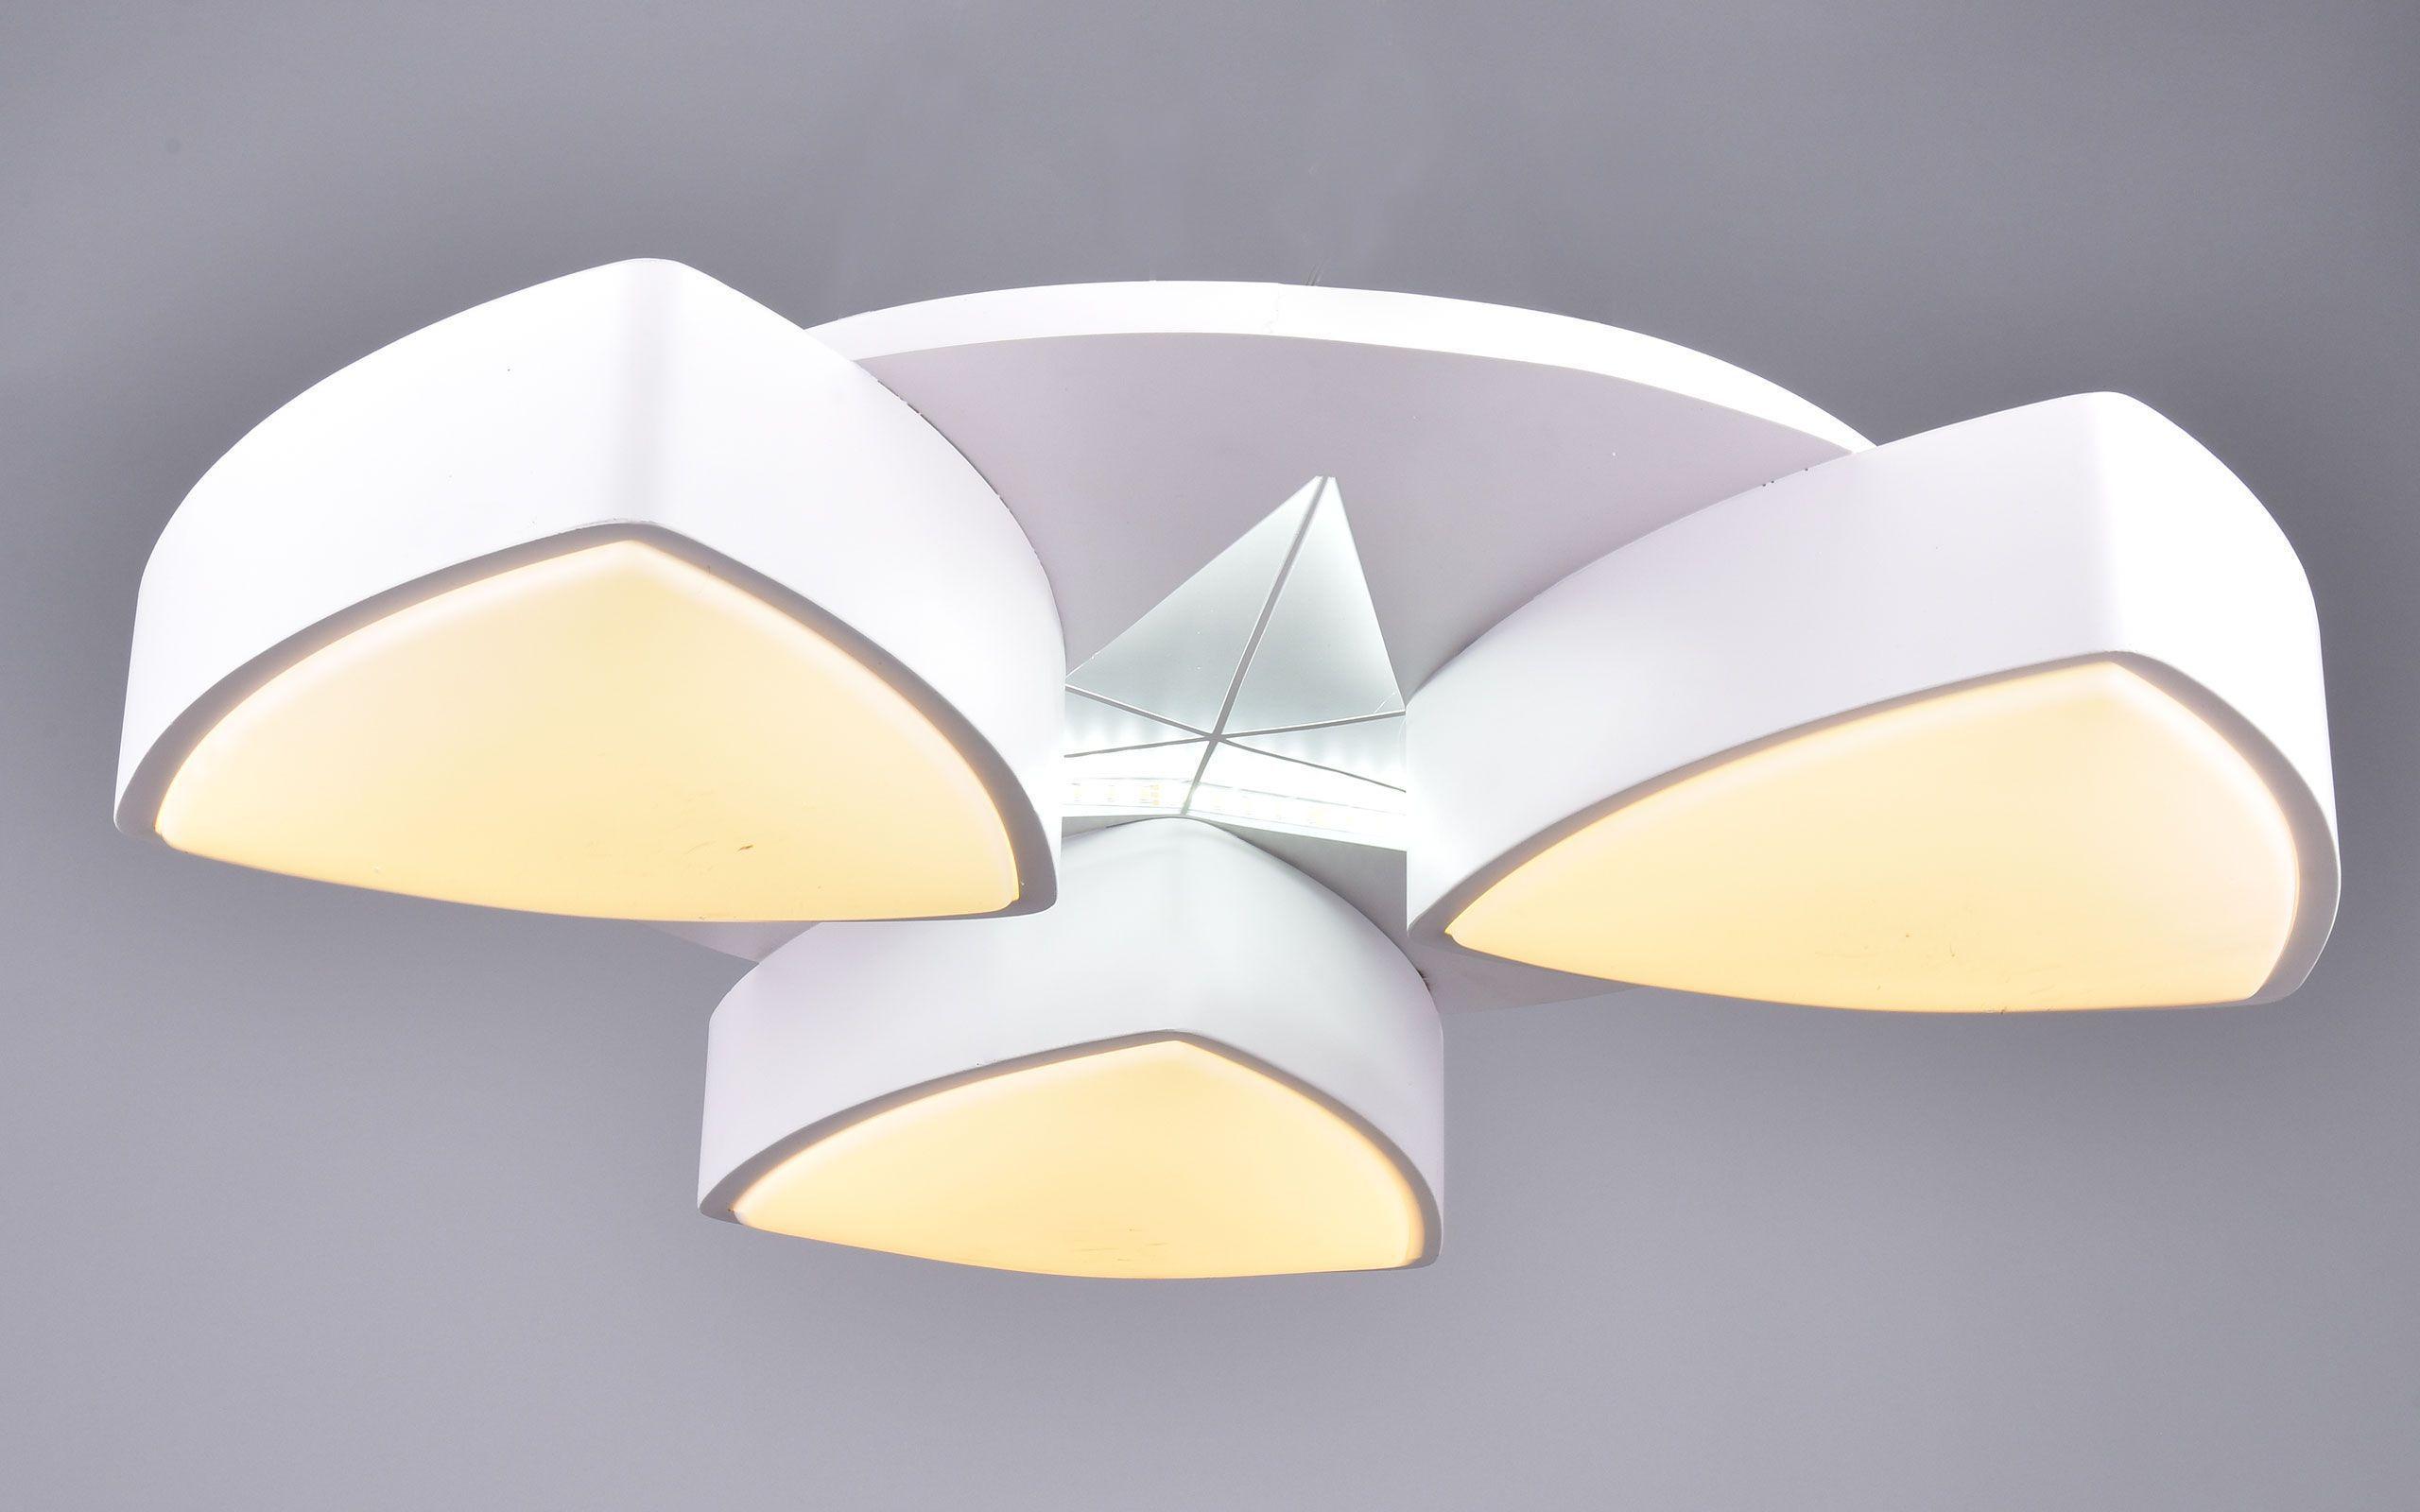 Потолочный светильник LIGA SVETA 80070/6C, белый prime book чехол для xiaomi redmi note 5a 2gb ram 16gb red